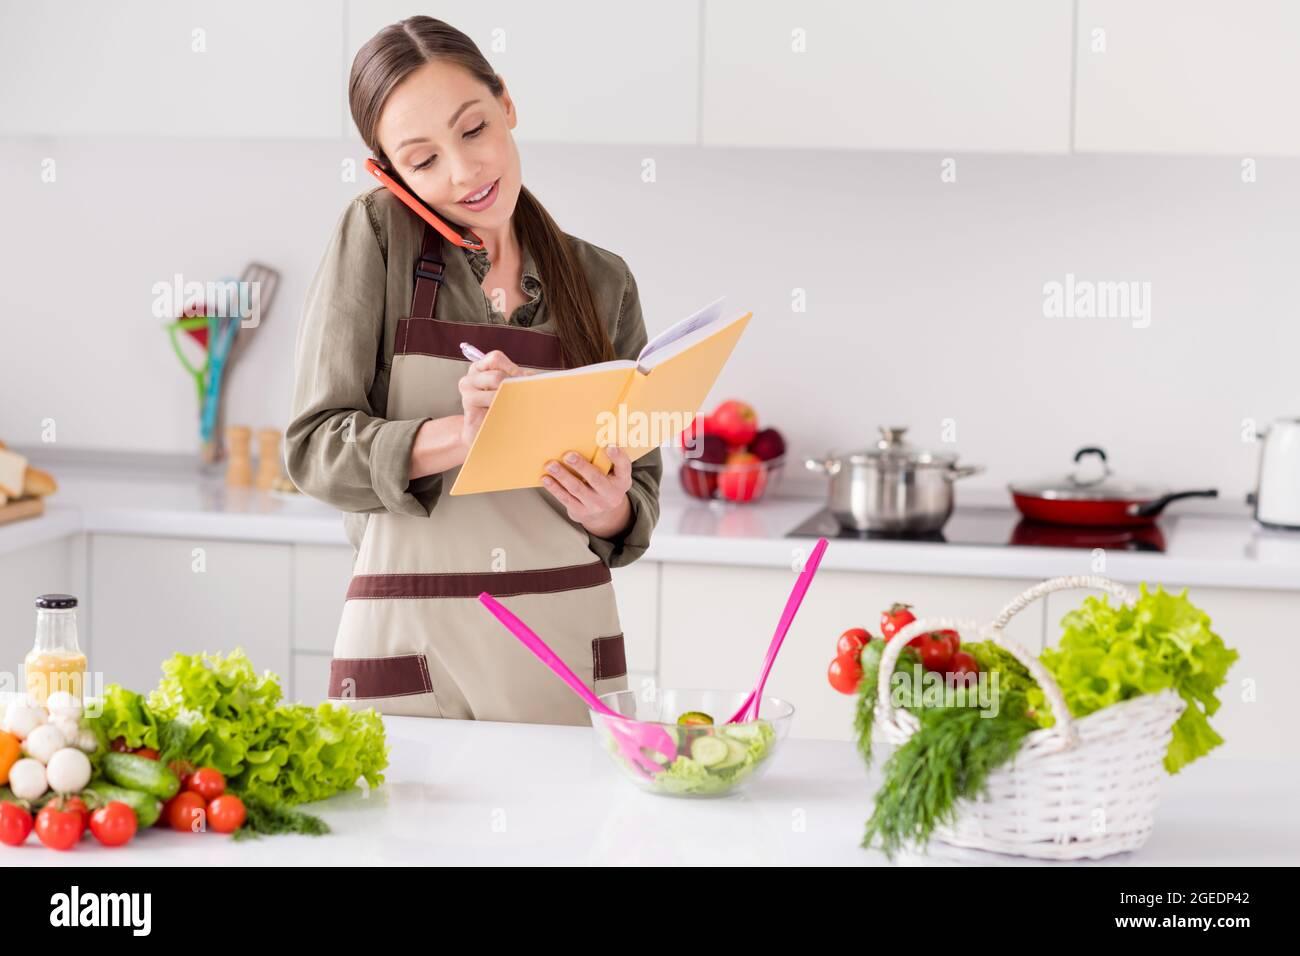 Foto de brillante dulce ama de casa vestido delantal marrón leer libro de cocina hablar moderno gadget interior habitación casa casa casa casa Foto de stock